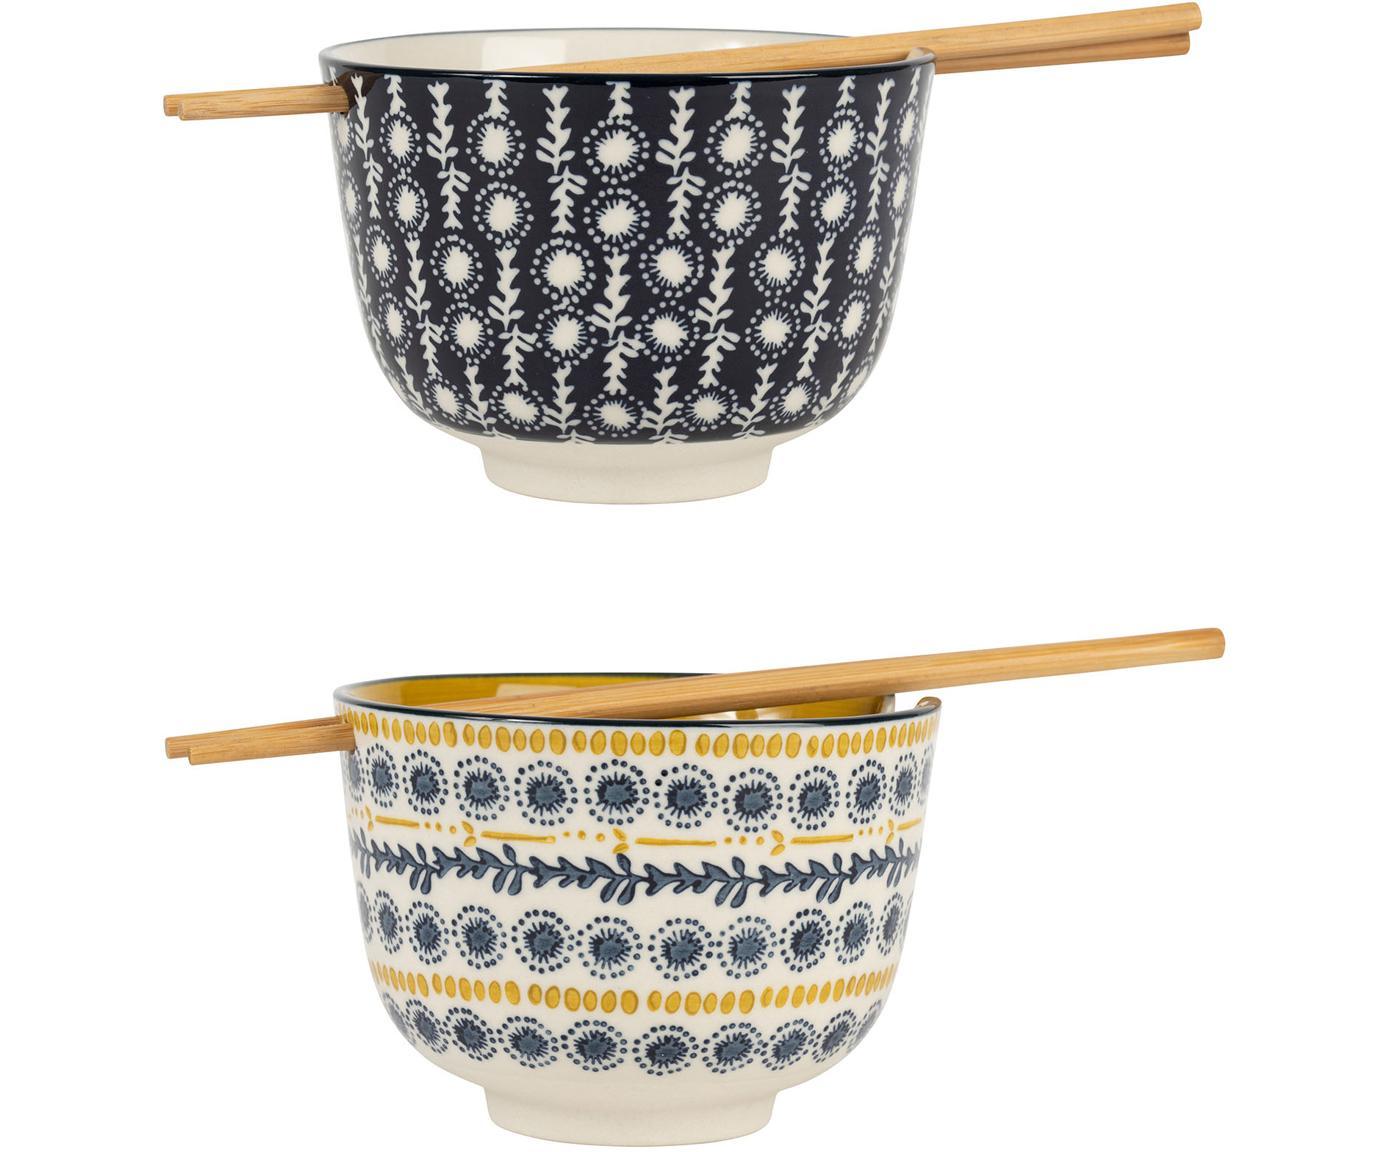 Schälchen-Set Flaural mit Essstäbchen, 4-tlg, Steingut, Bambus, Blau, Senfgelb, Ø 13 x H 10 cm